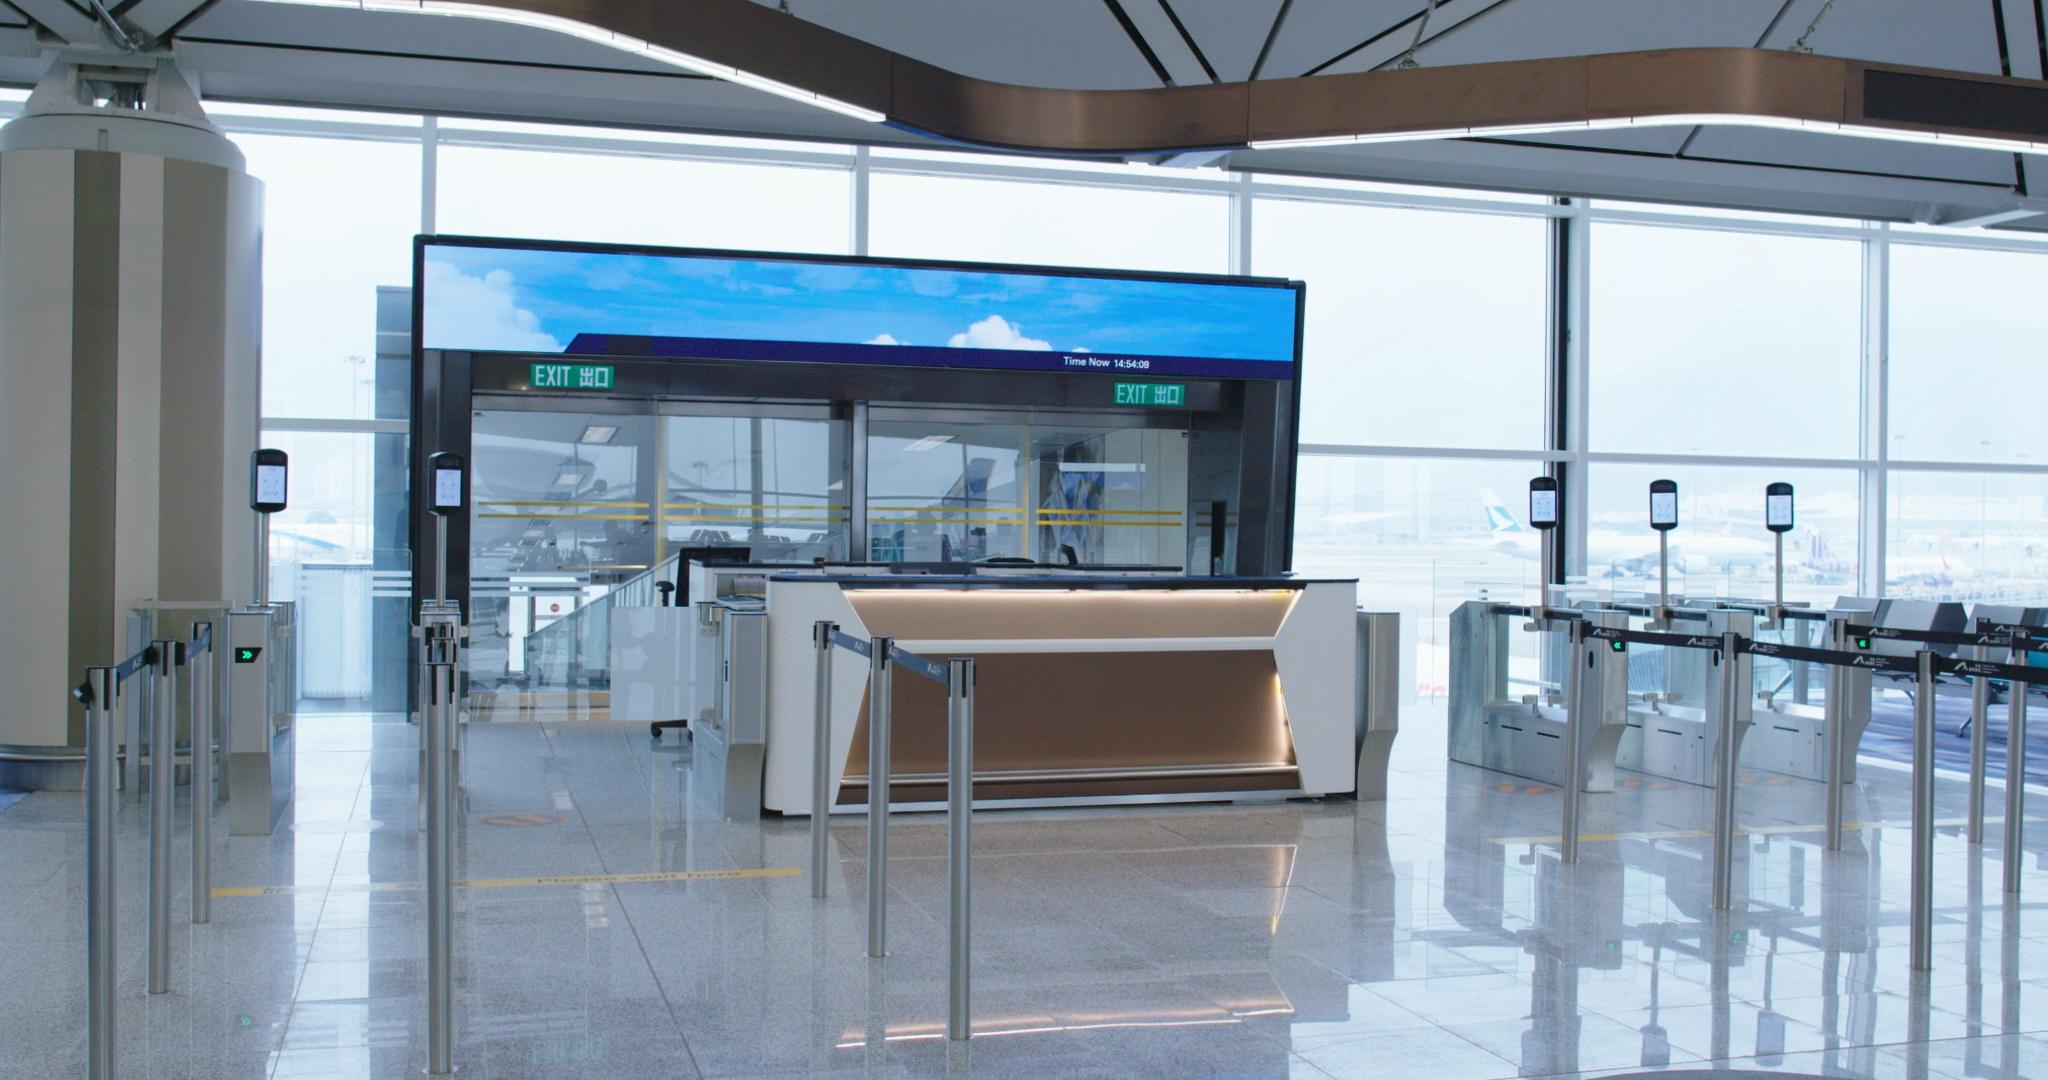 記者亦翻查資料,發現國泰航空早於去年5月與機管局聯合進行大規模試行,有二百名國泰同事參與。(機管局圖片)